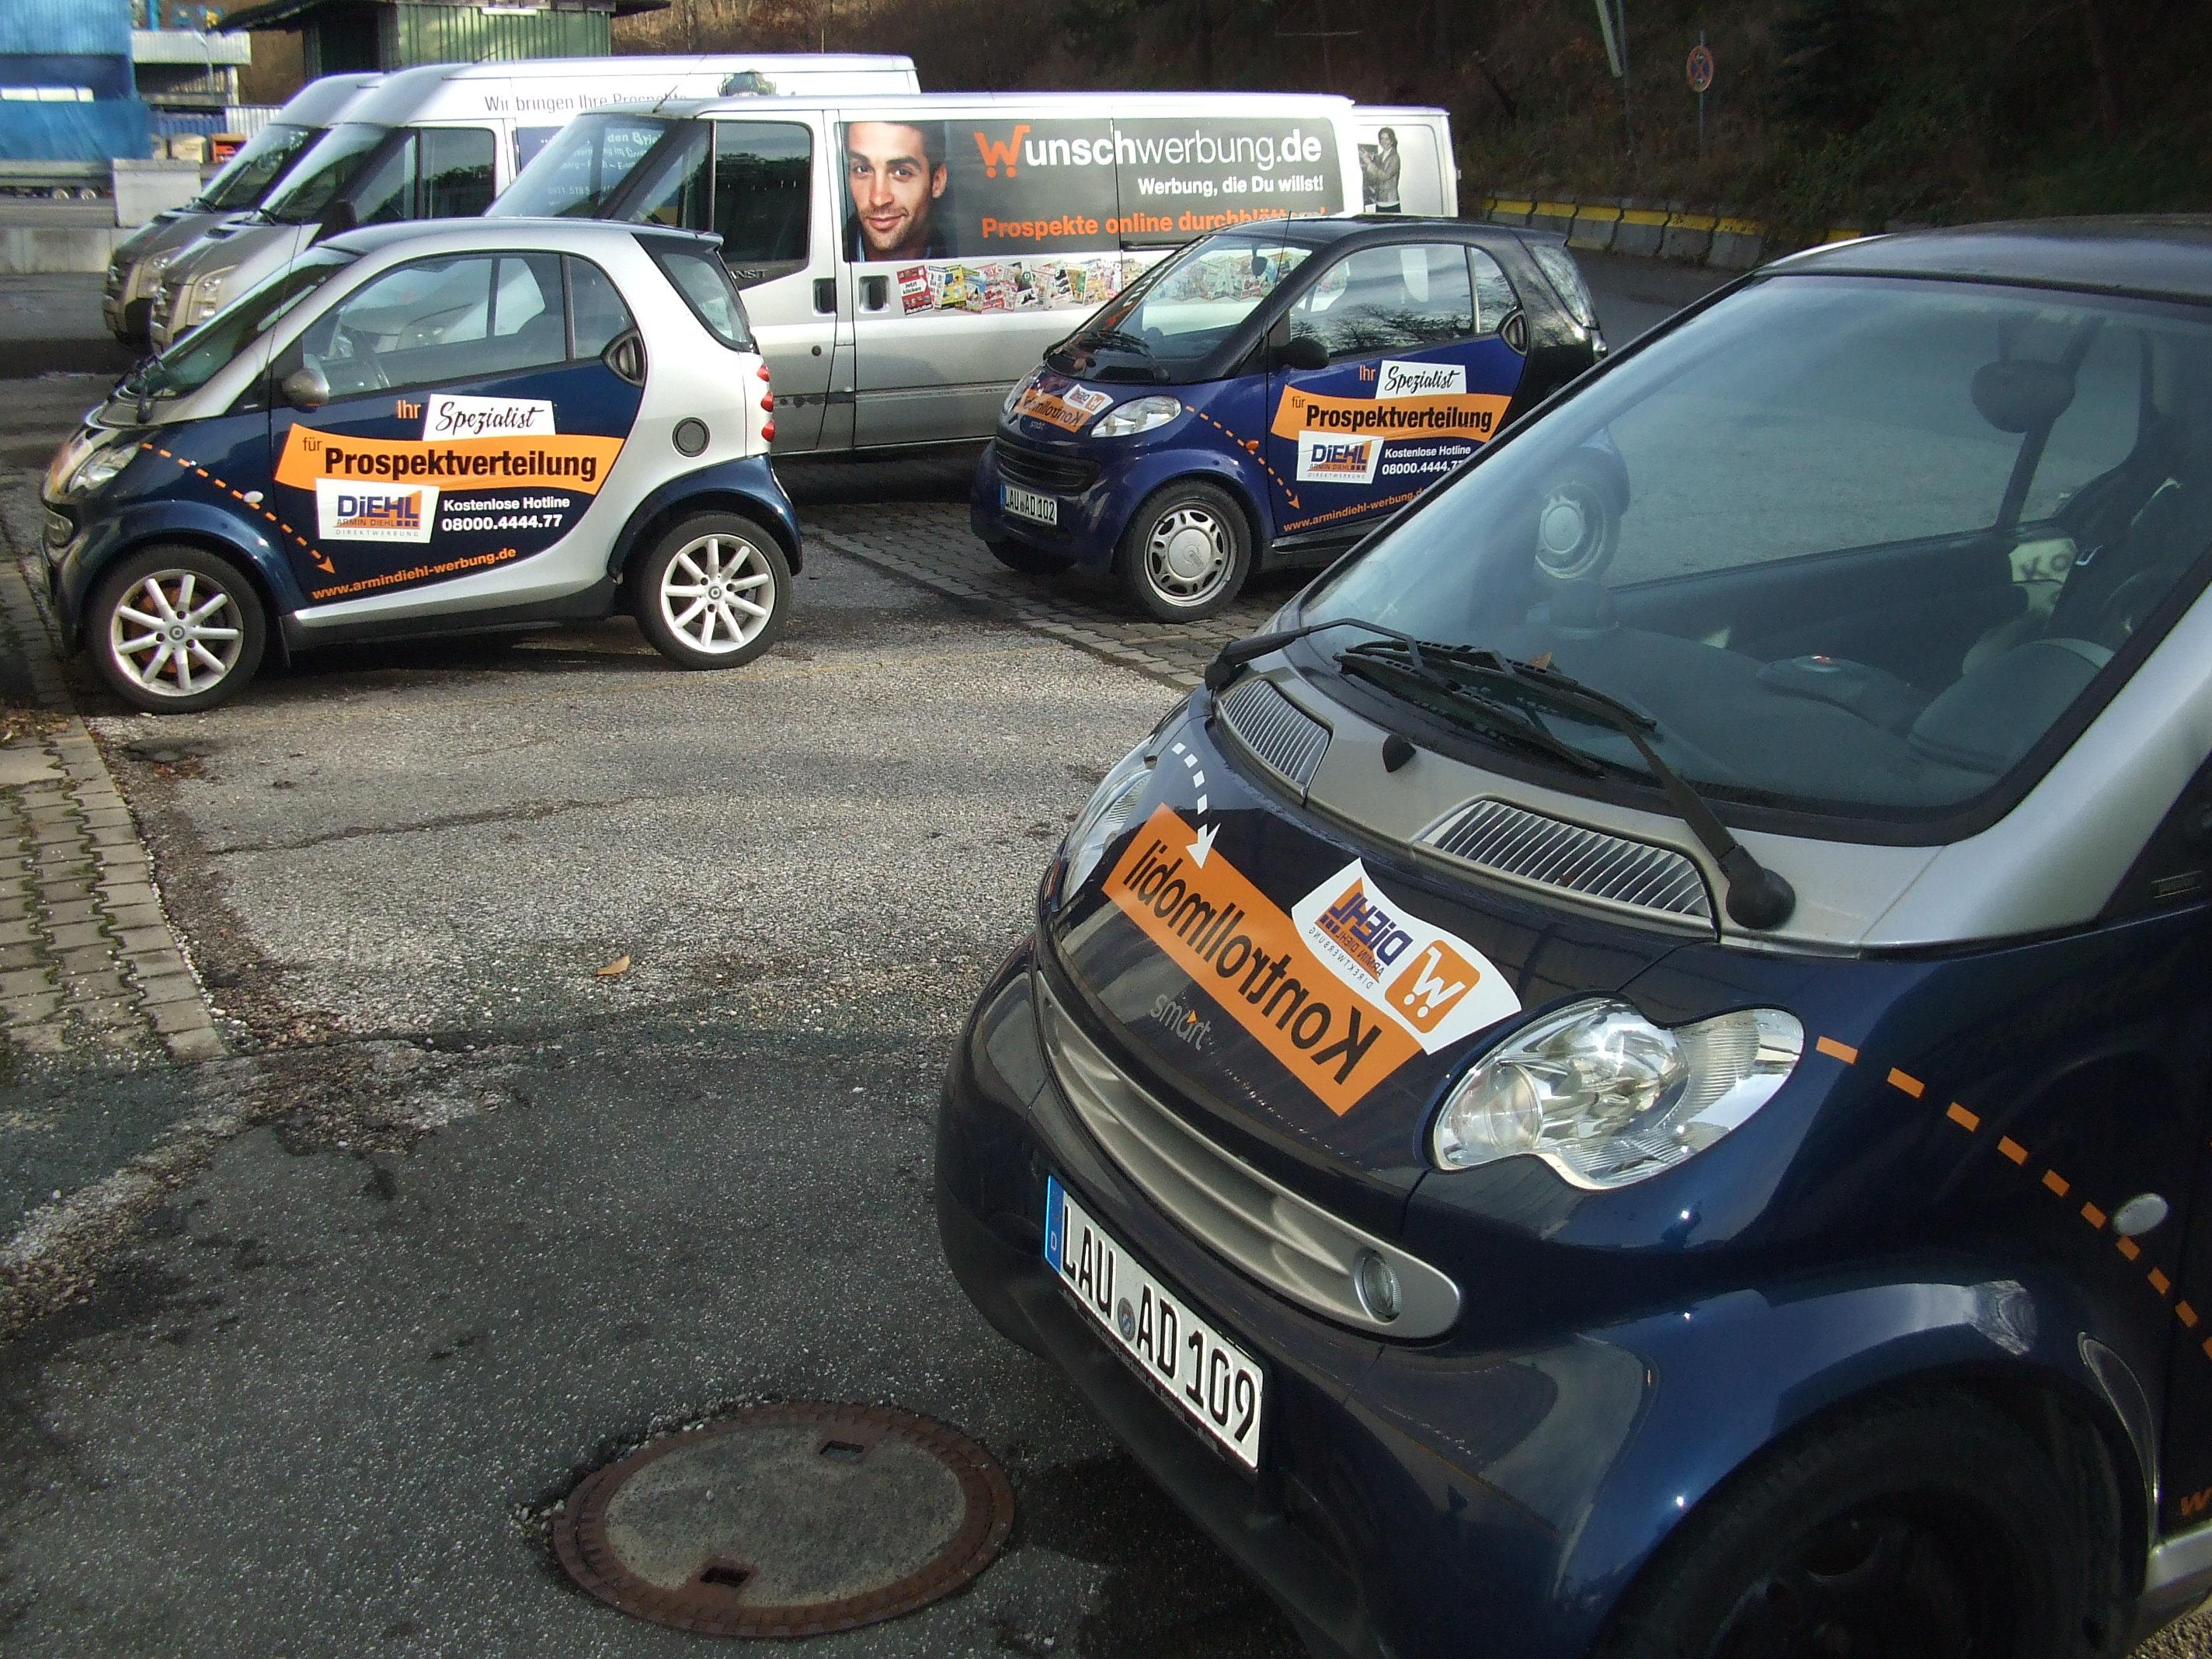 Smart Fuhrpark Armin Diehl GmbH